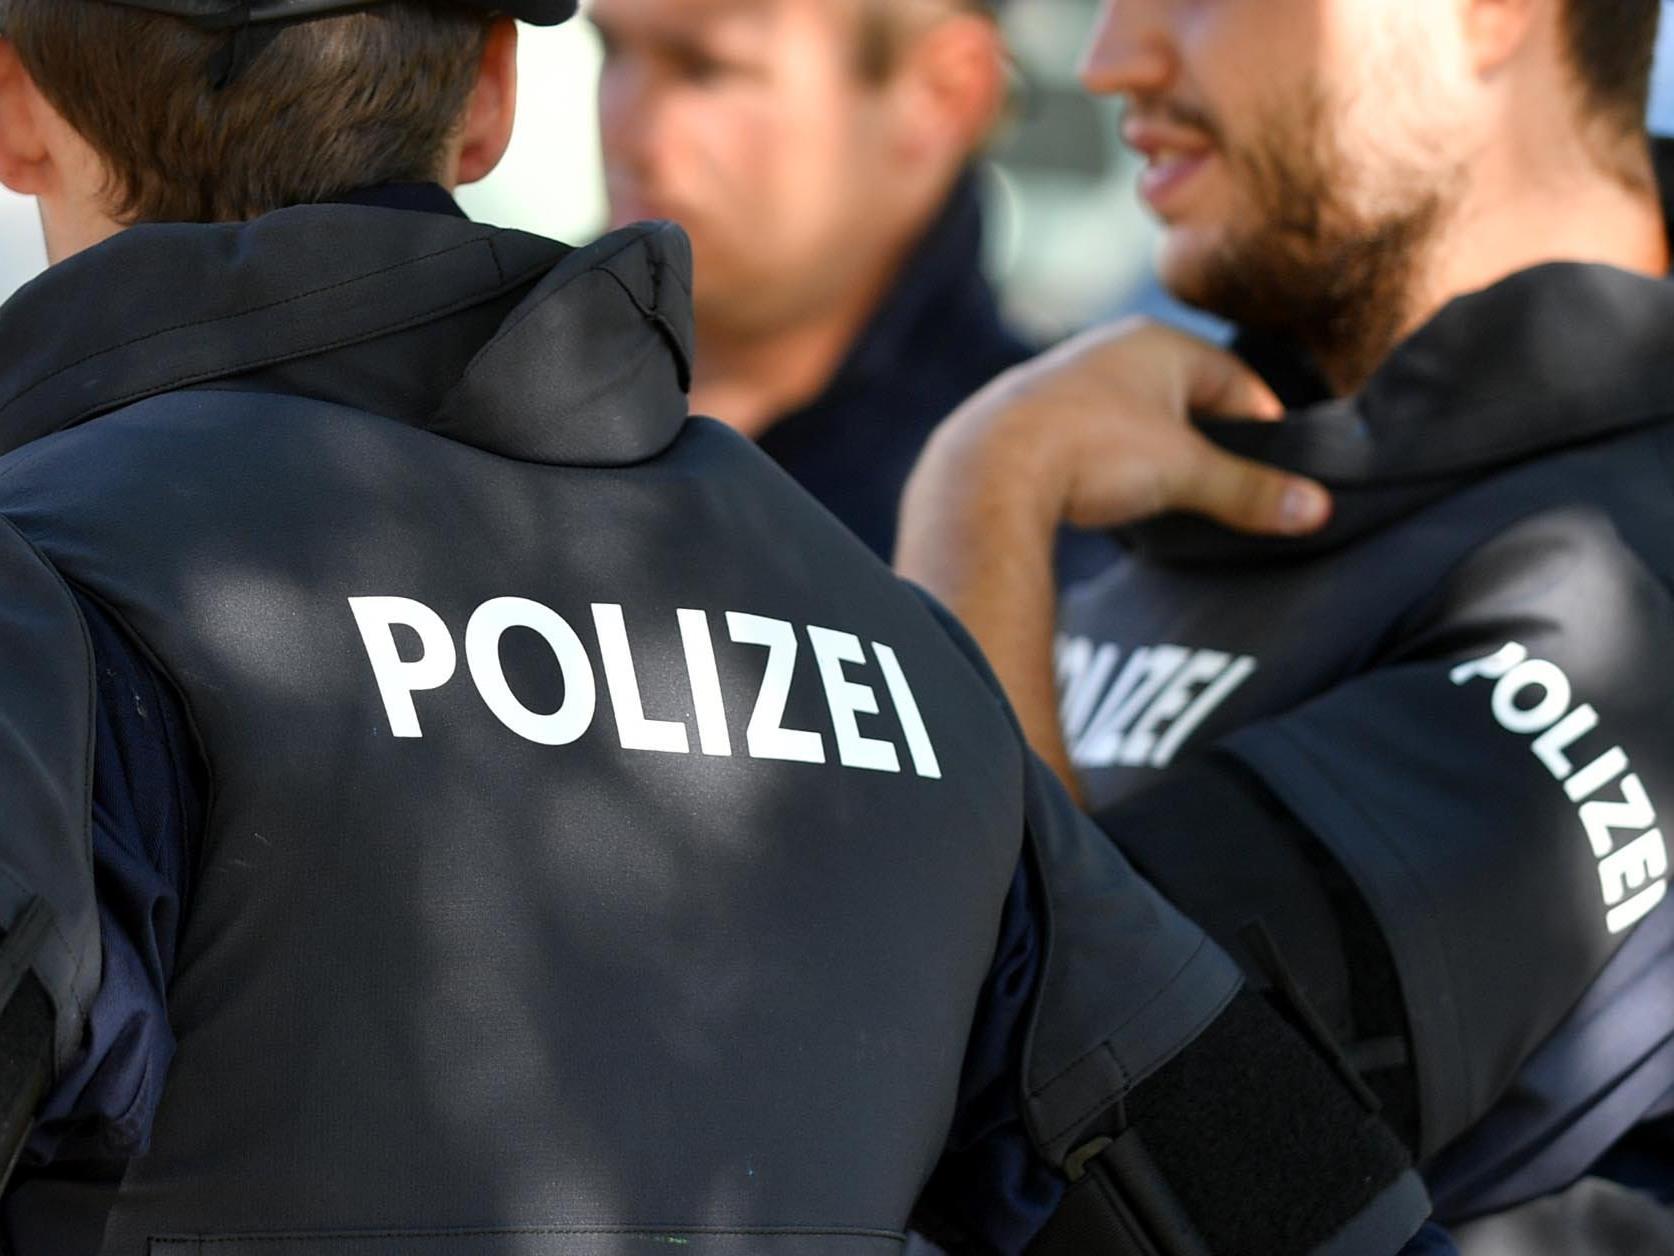 Neue Details rund um den unter Mordverdacht stehenden Wiener Polizisten wurden am Freitag bekannt